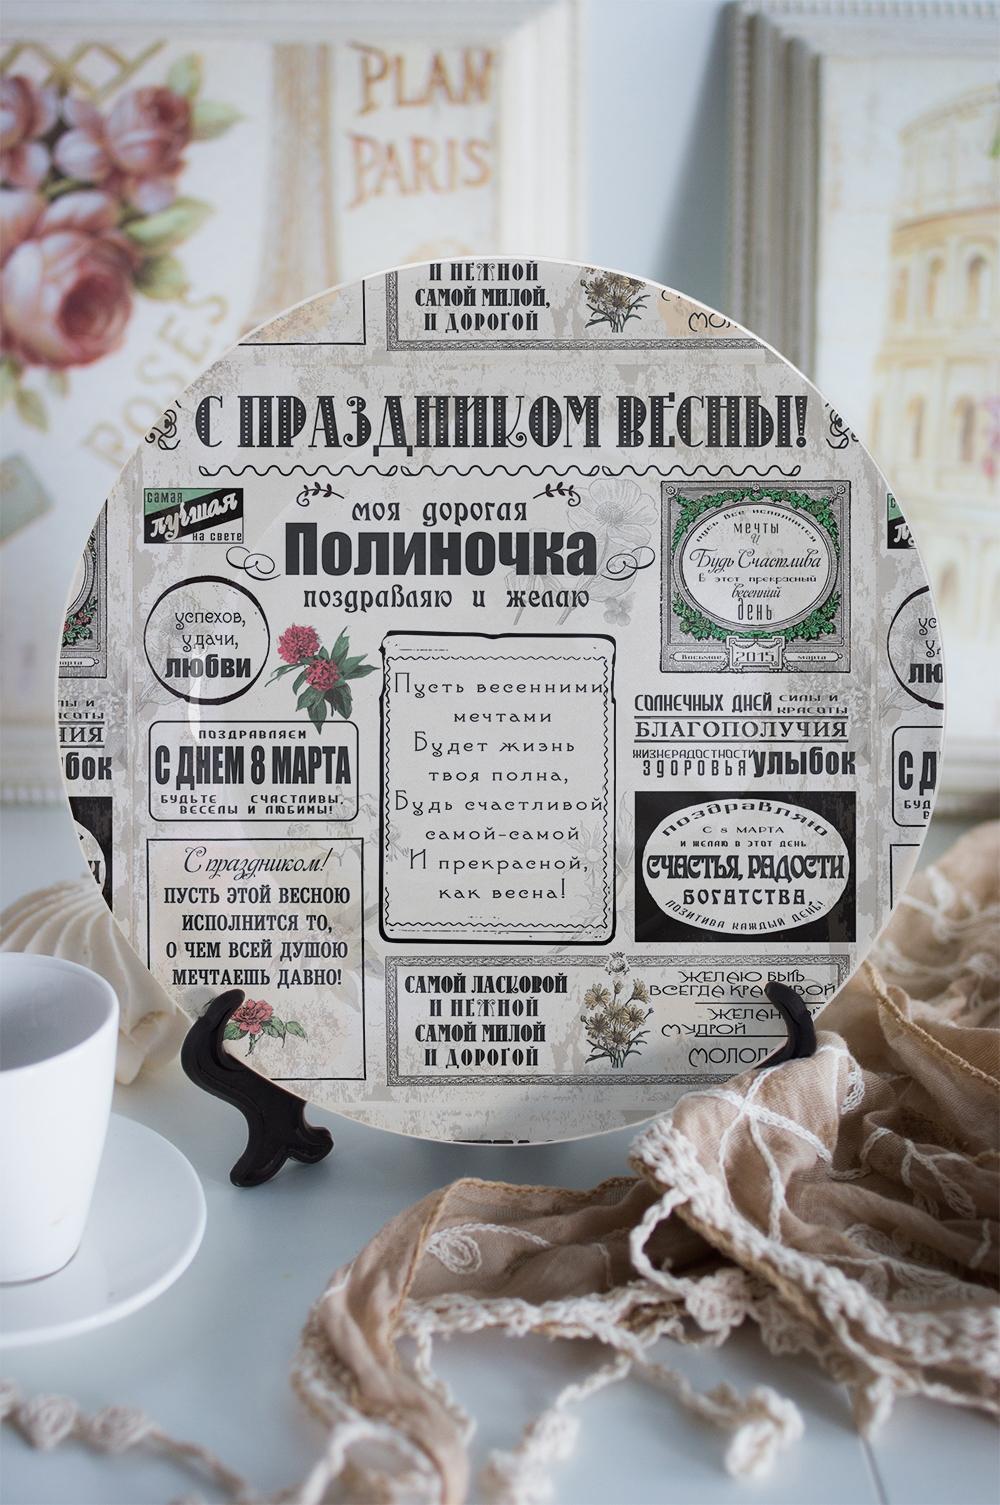 Тарелка декоративная с вашим текстом Вести к 8 мартаПодарки на 8 марта<br>Подарите необыкновенный сувенир с индивидуальной надписью и именем – такая декоративная тарелка станет эксклюзивным украшением для интерьера и незабываемым подарком! Выберите понравившийся фон, впишите любимую фразу, имя получателя. Диаметр 20см<br>